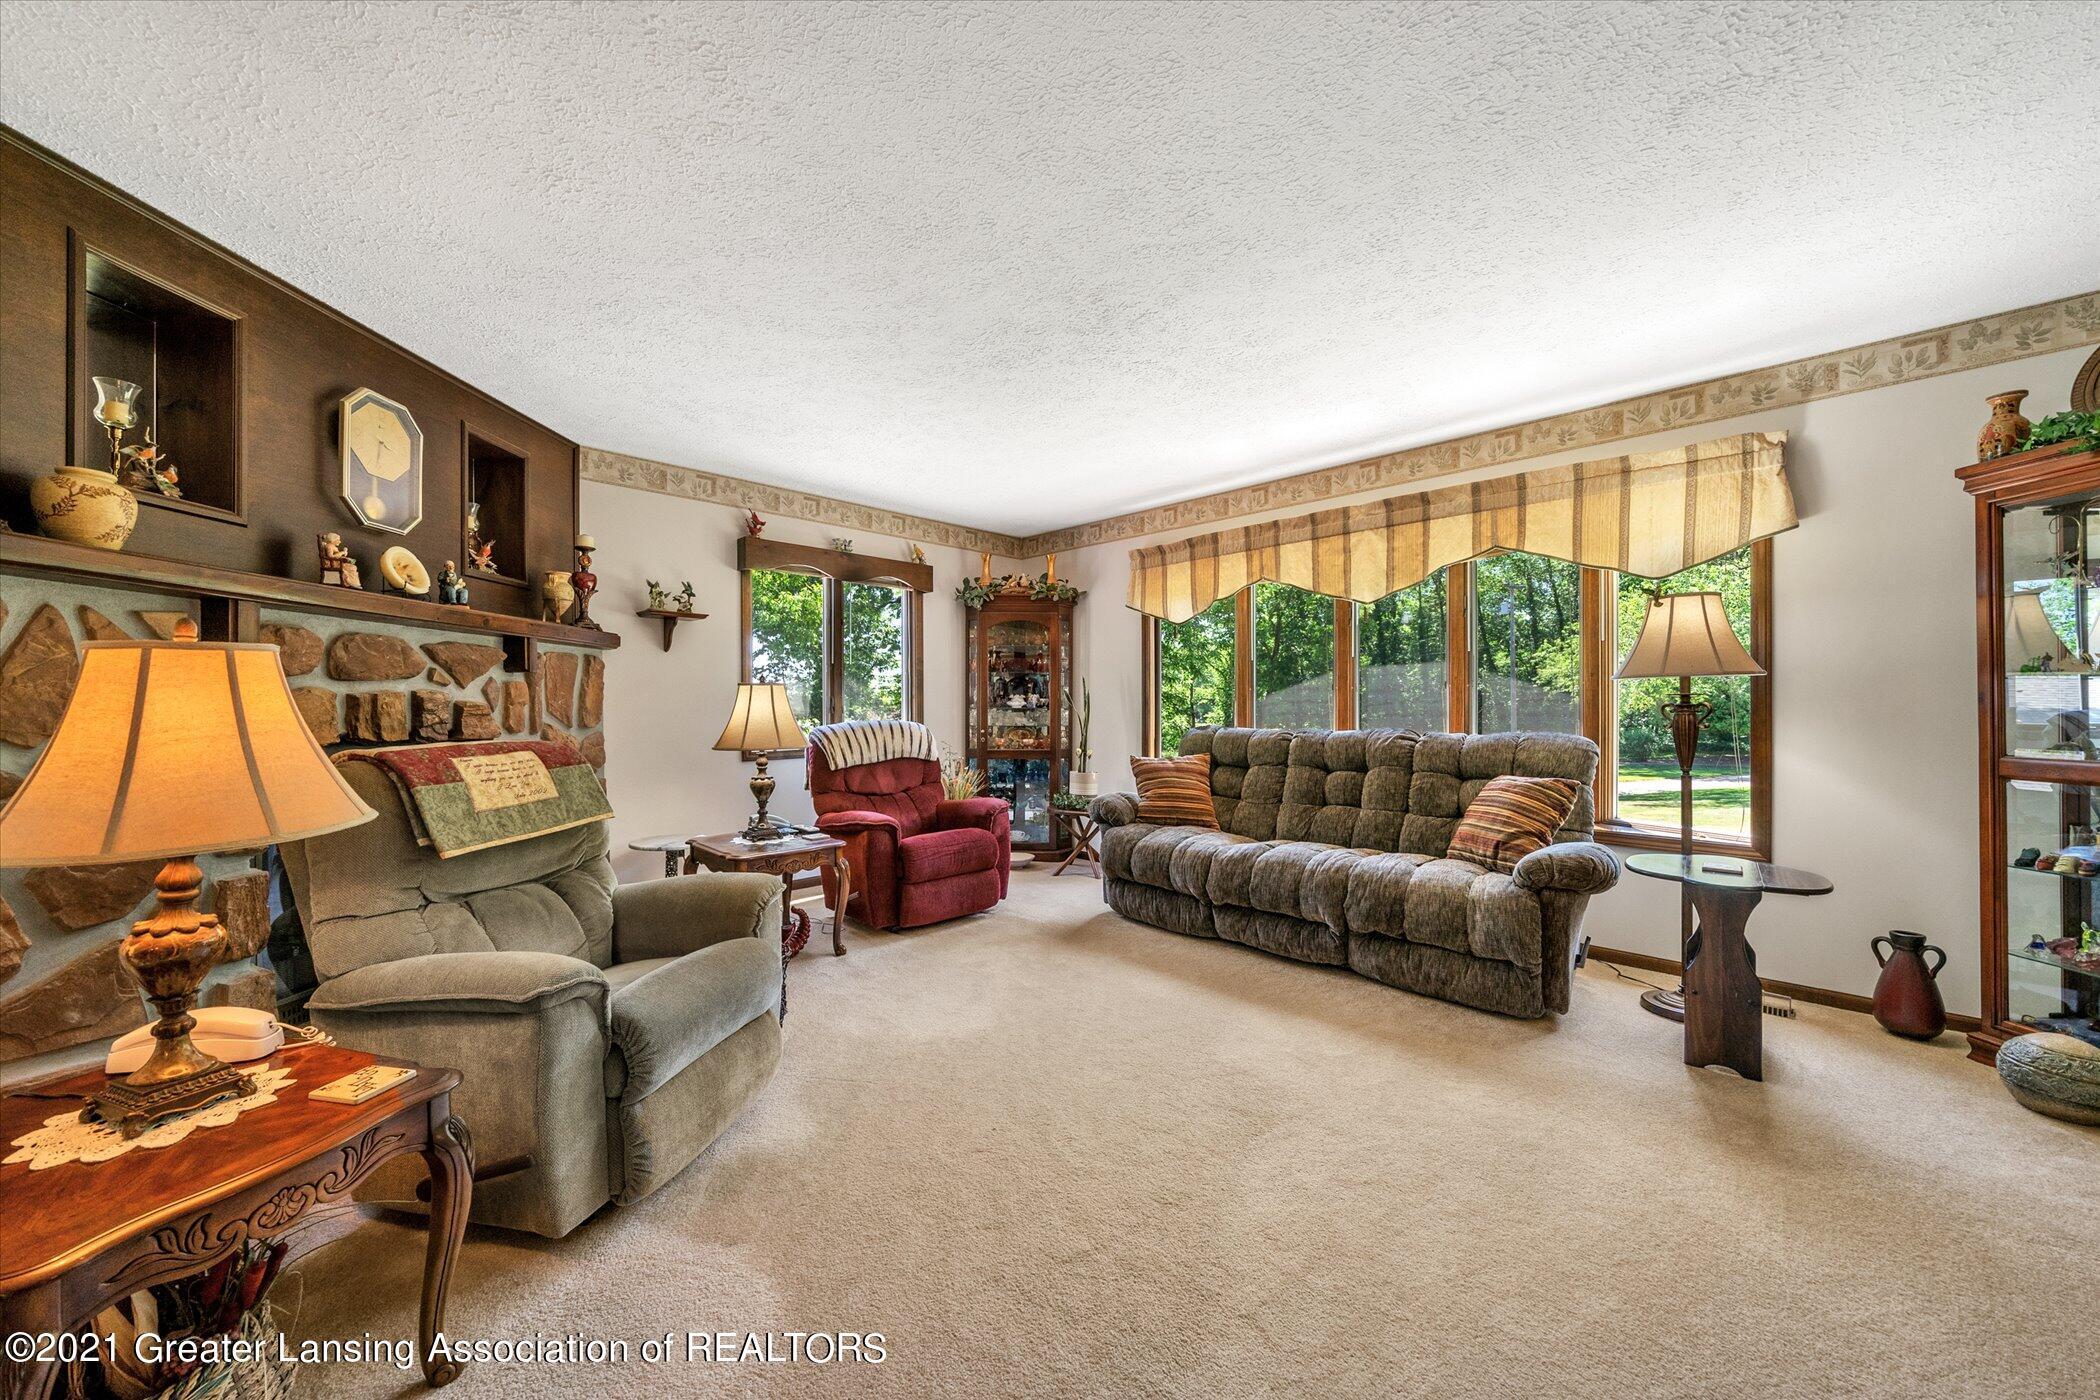 7851 S Cochran Rd - (6) MAIN FLOOR Living Room - 6